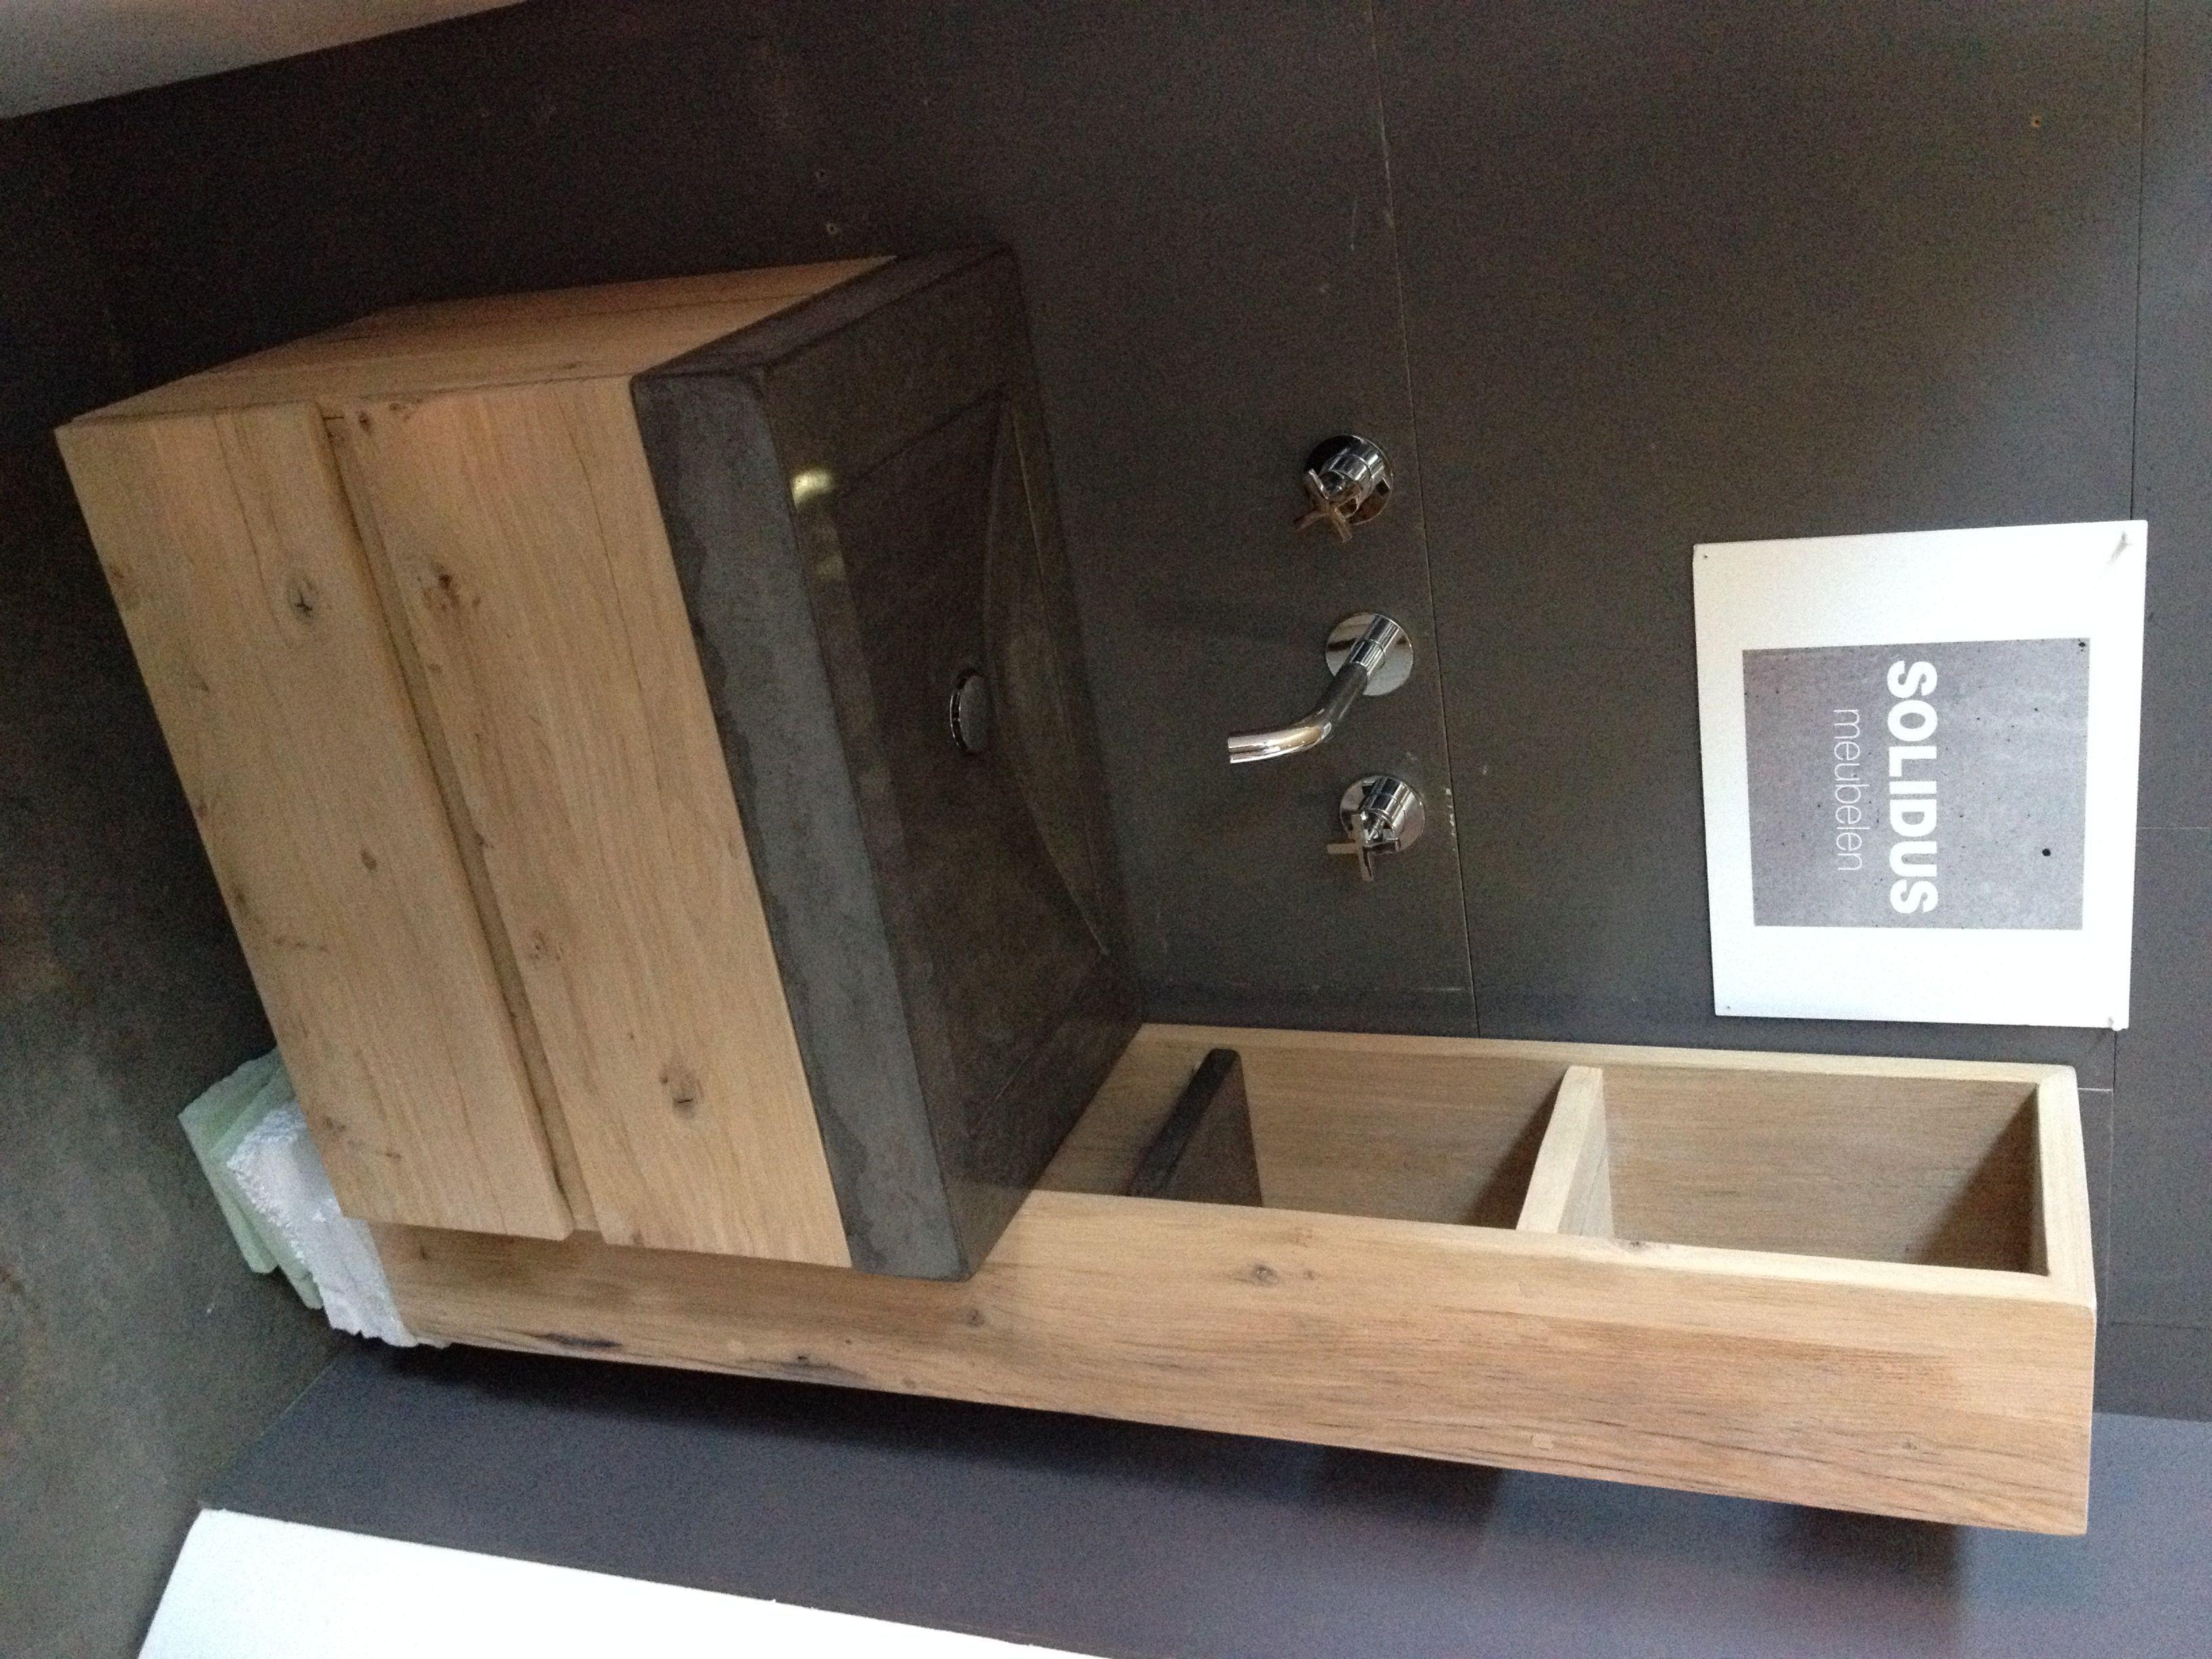 Badkamerkast Oud Hout : Badkamermeubel hout beton wastafel beton met meubel in eiken